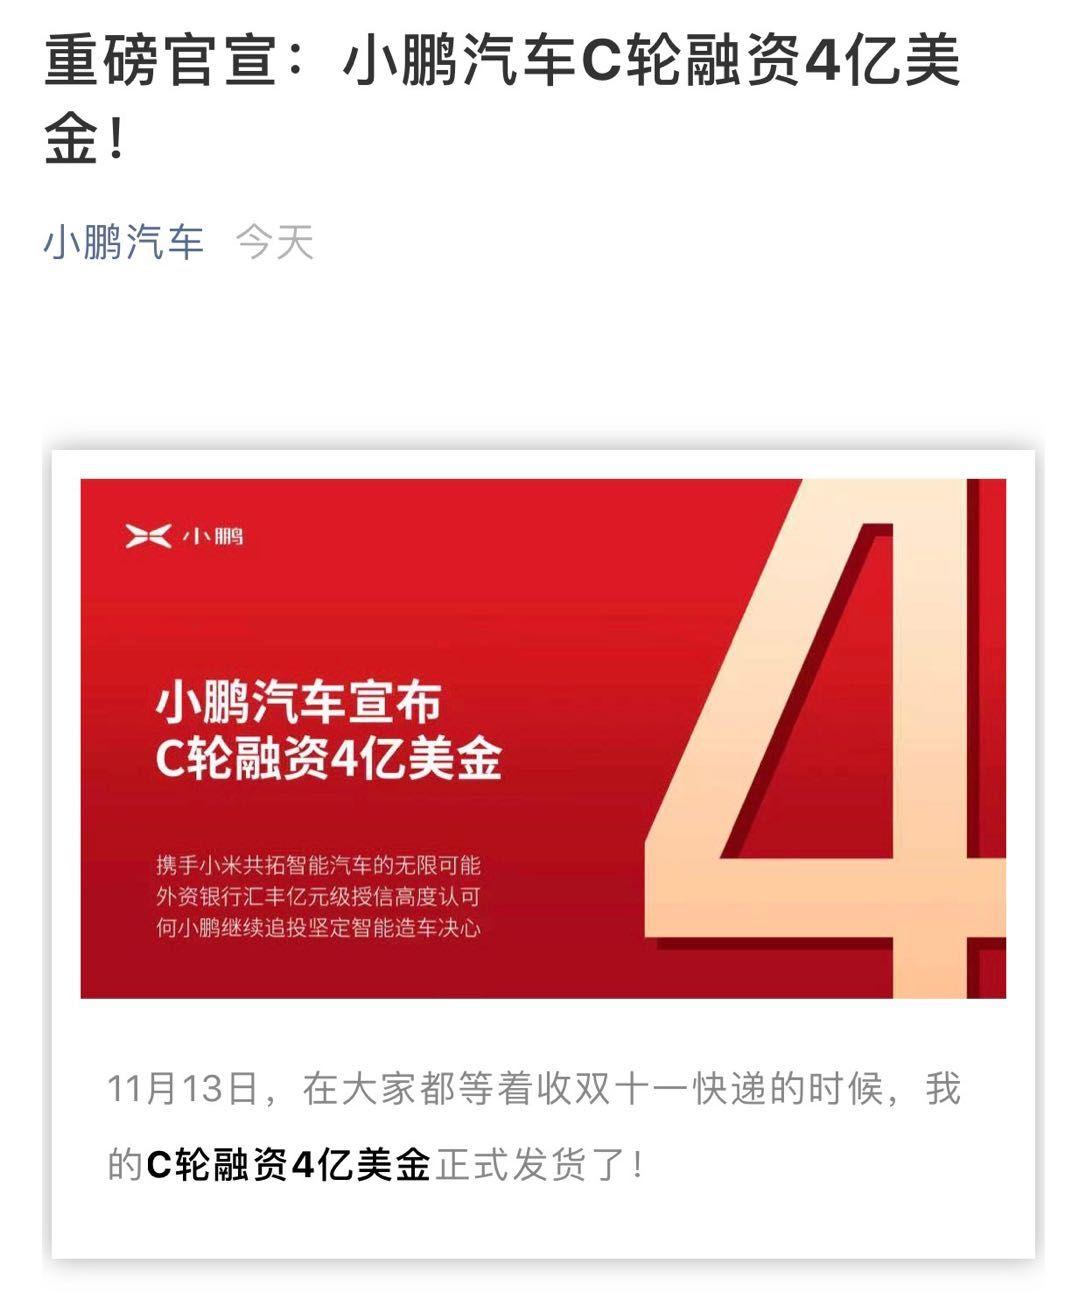 万博在线充值有风险吗-潘石屹迎来56岁生日,宣布进军编程语言